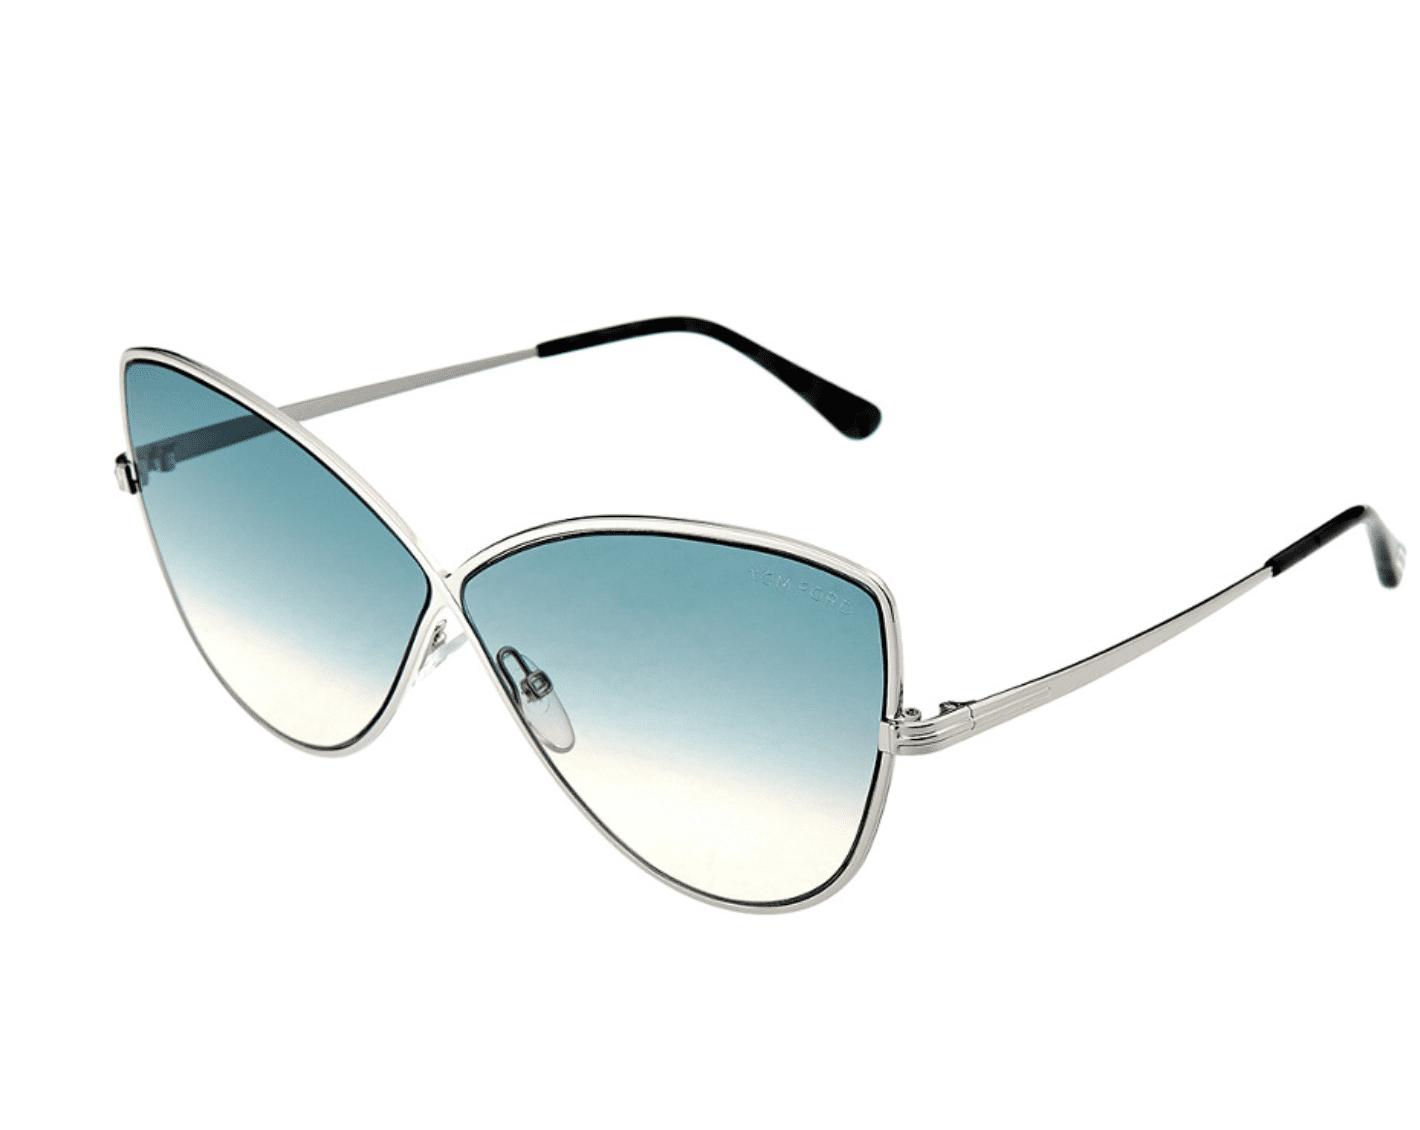 Gilt: All .99 Tom Ford Eyewear!